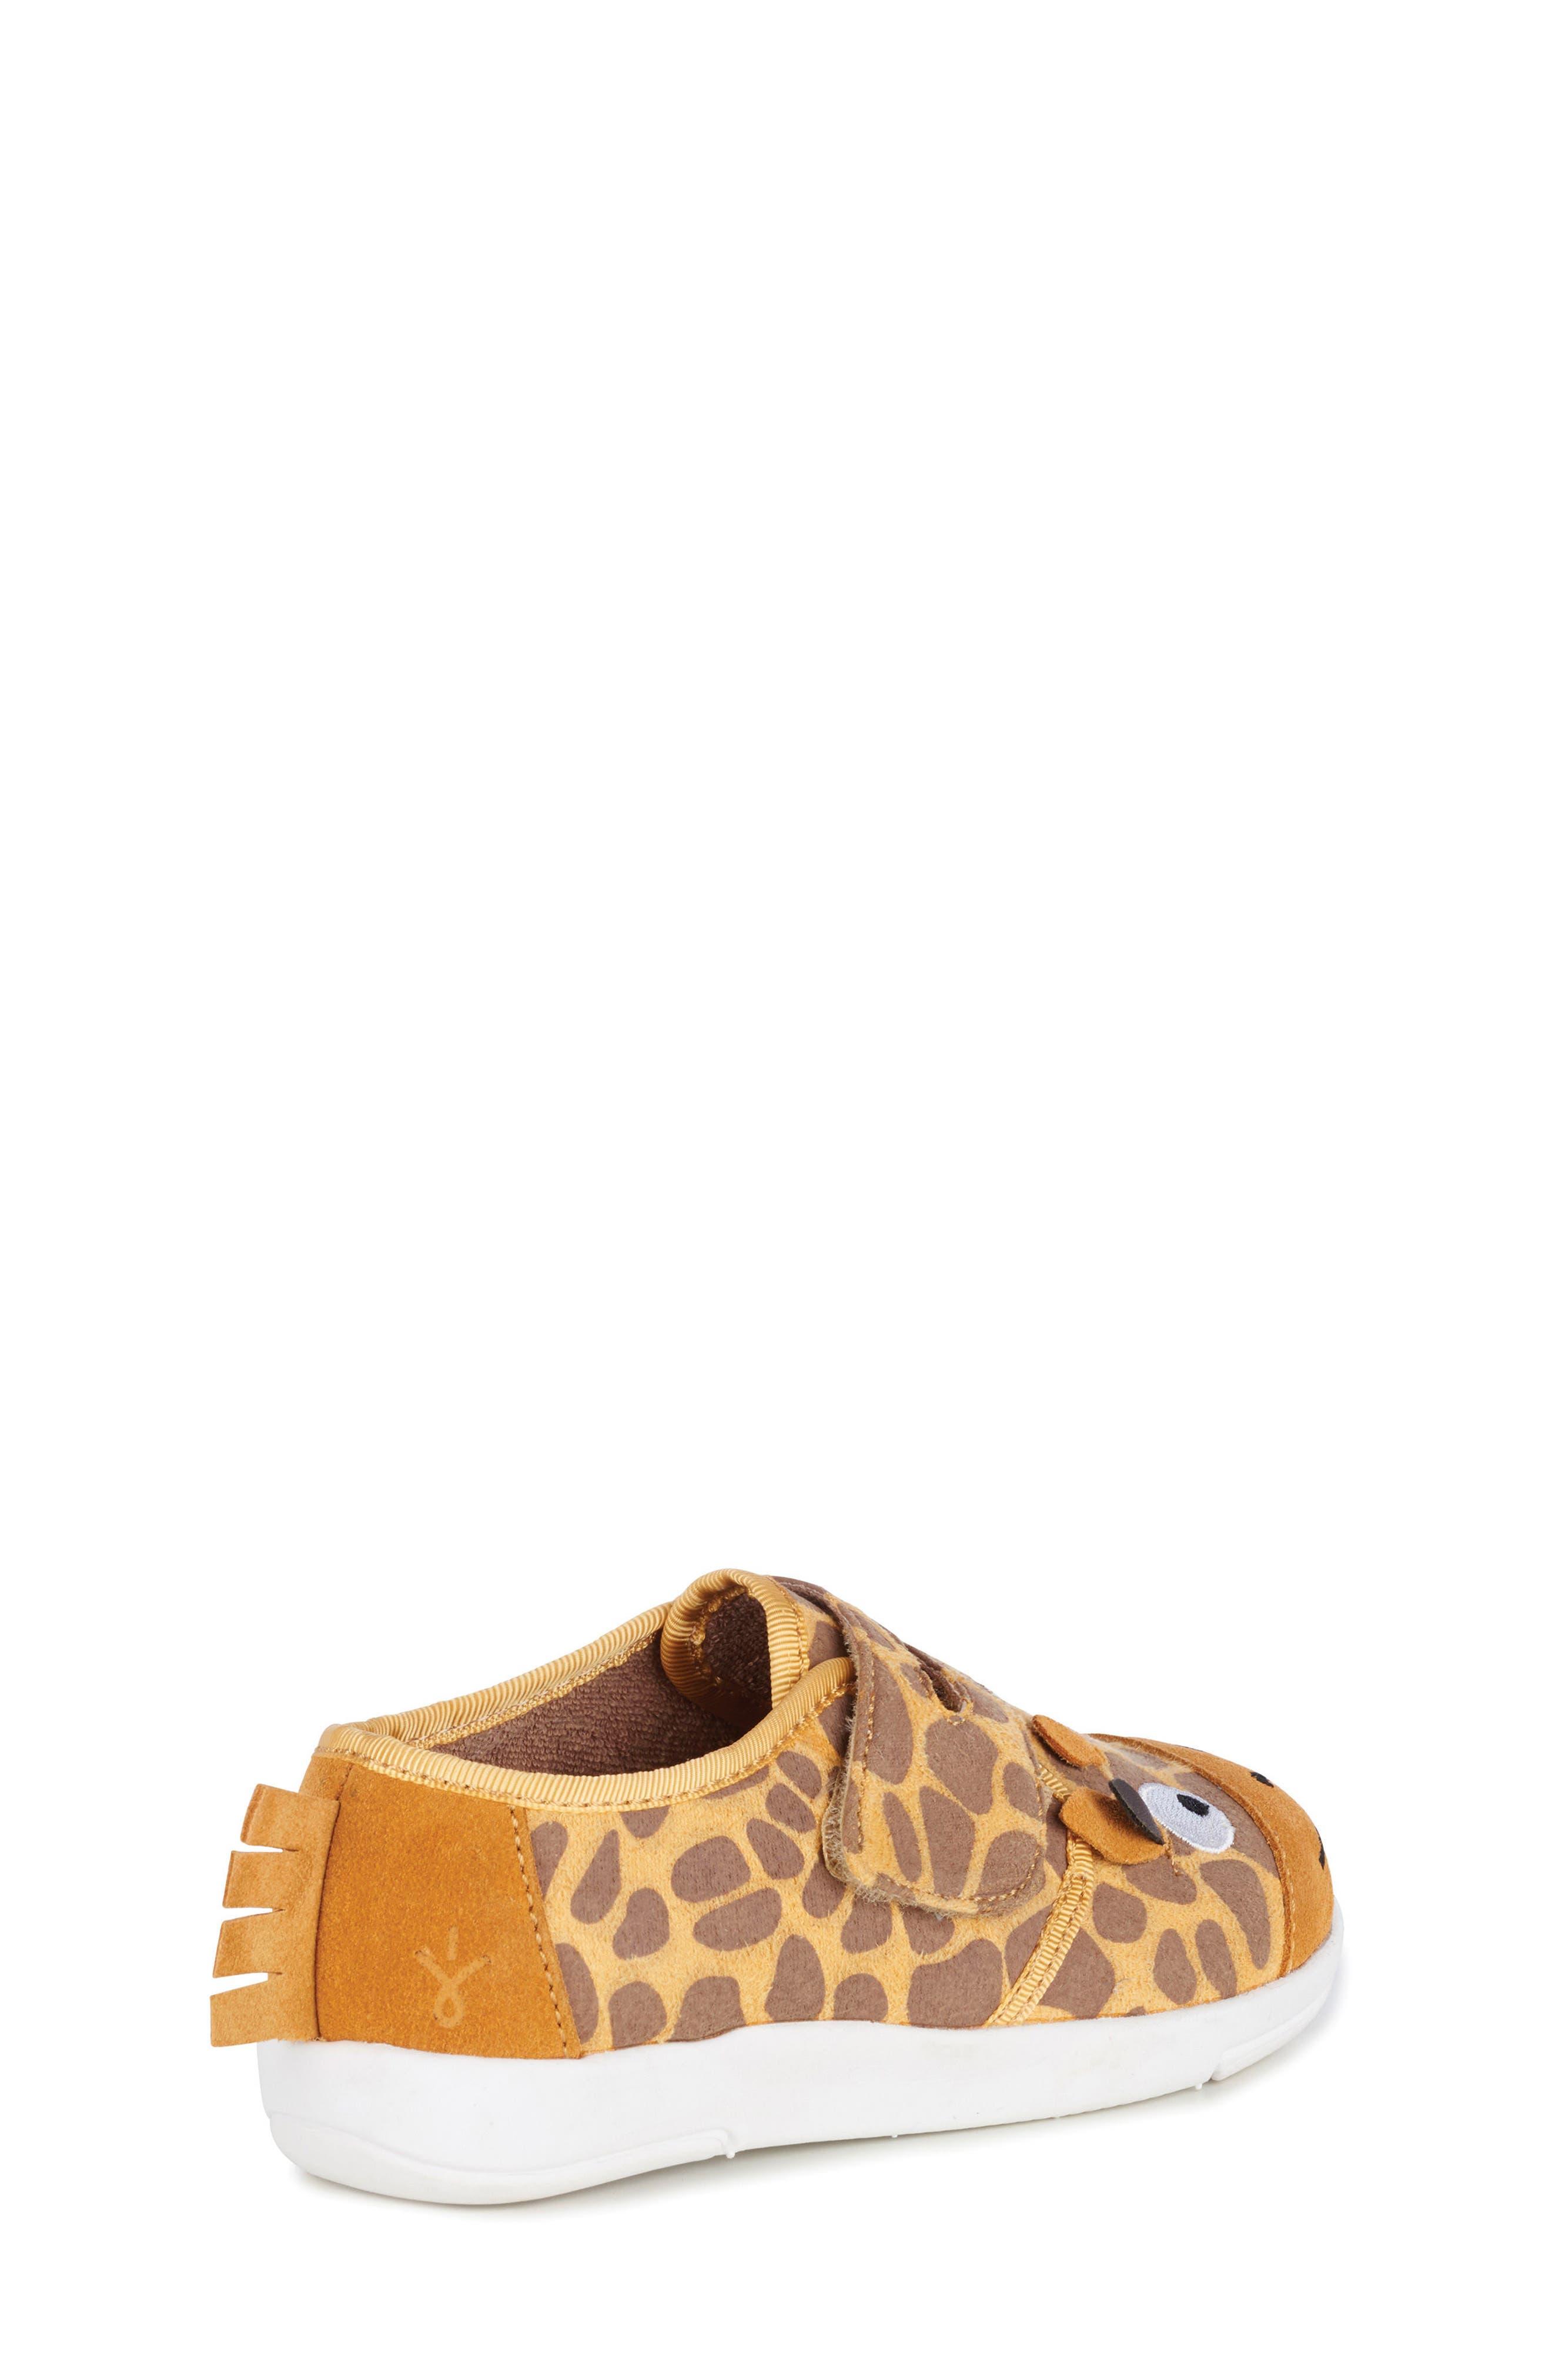 Giraffe Sneaker,                             Alternate thumbnail 6, color,                             700